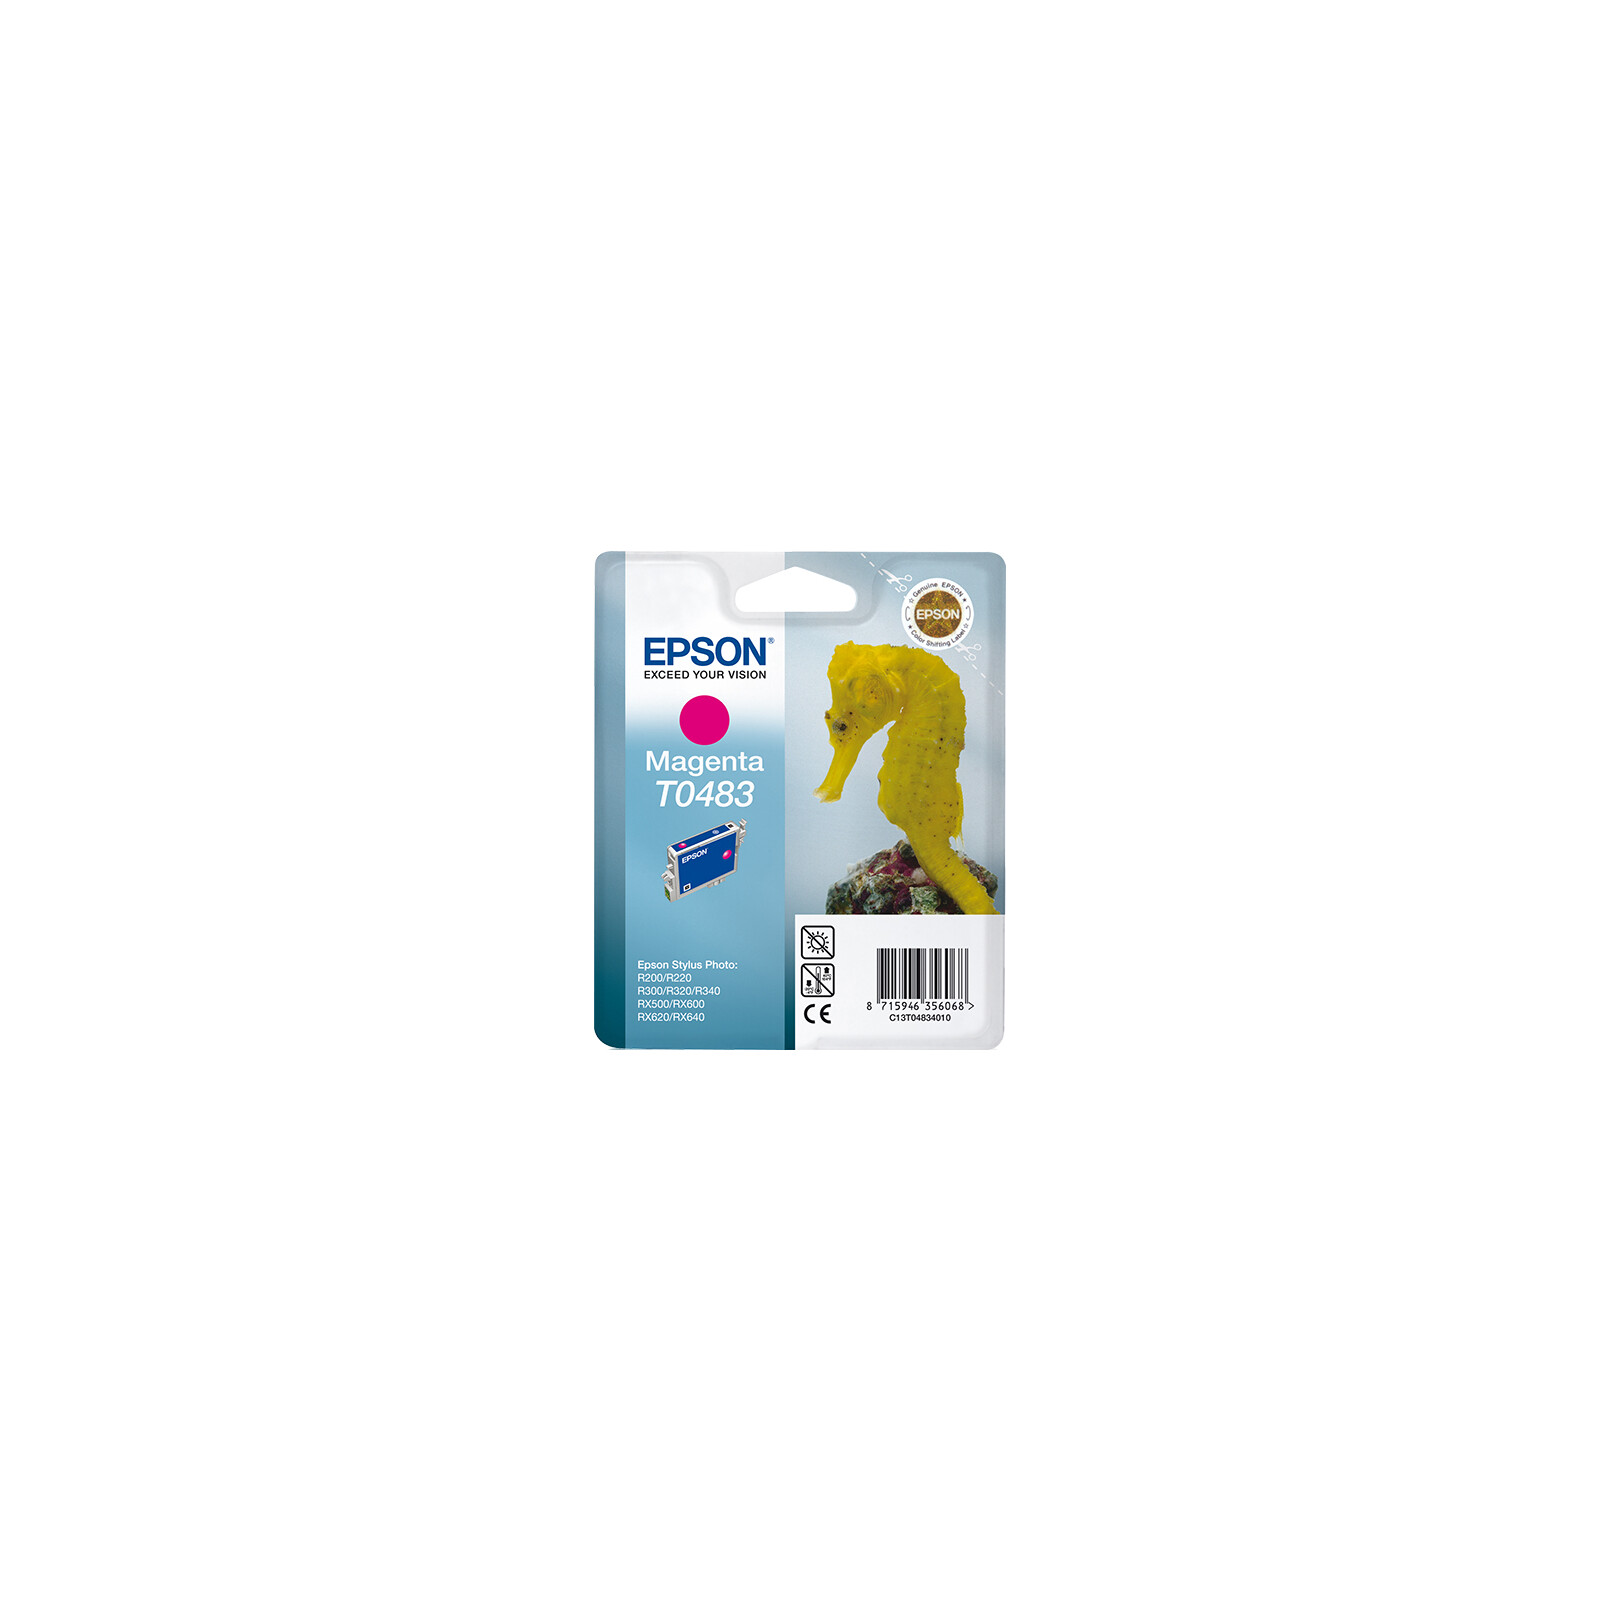 Epson T0483 Tinte Magenta 13ml